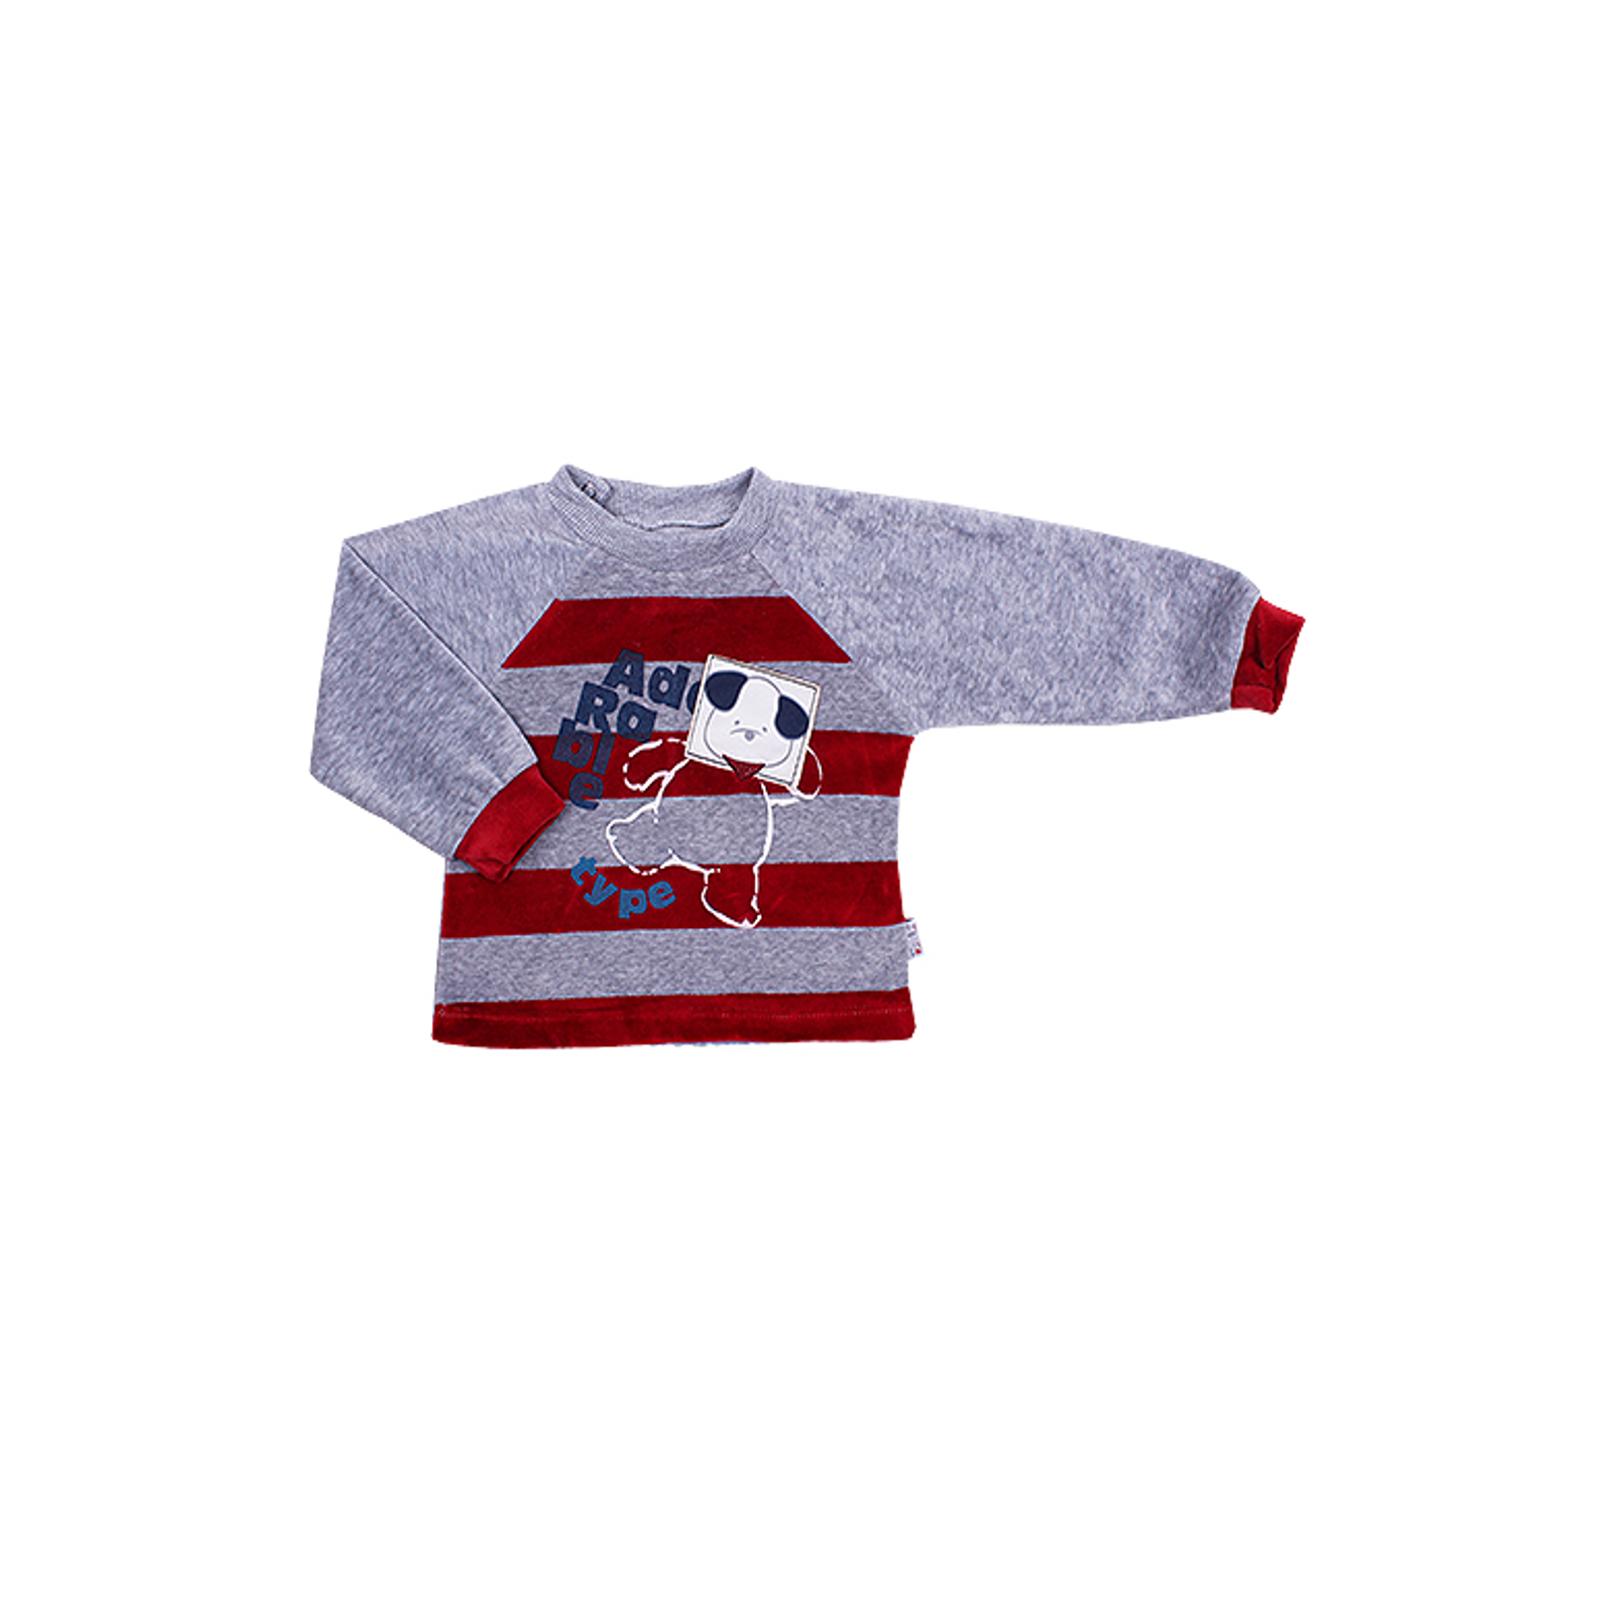 Комплект одежды Estella для мальчика, брюки, толстовка, цвет - Бордо Размер 80